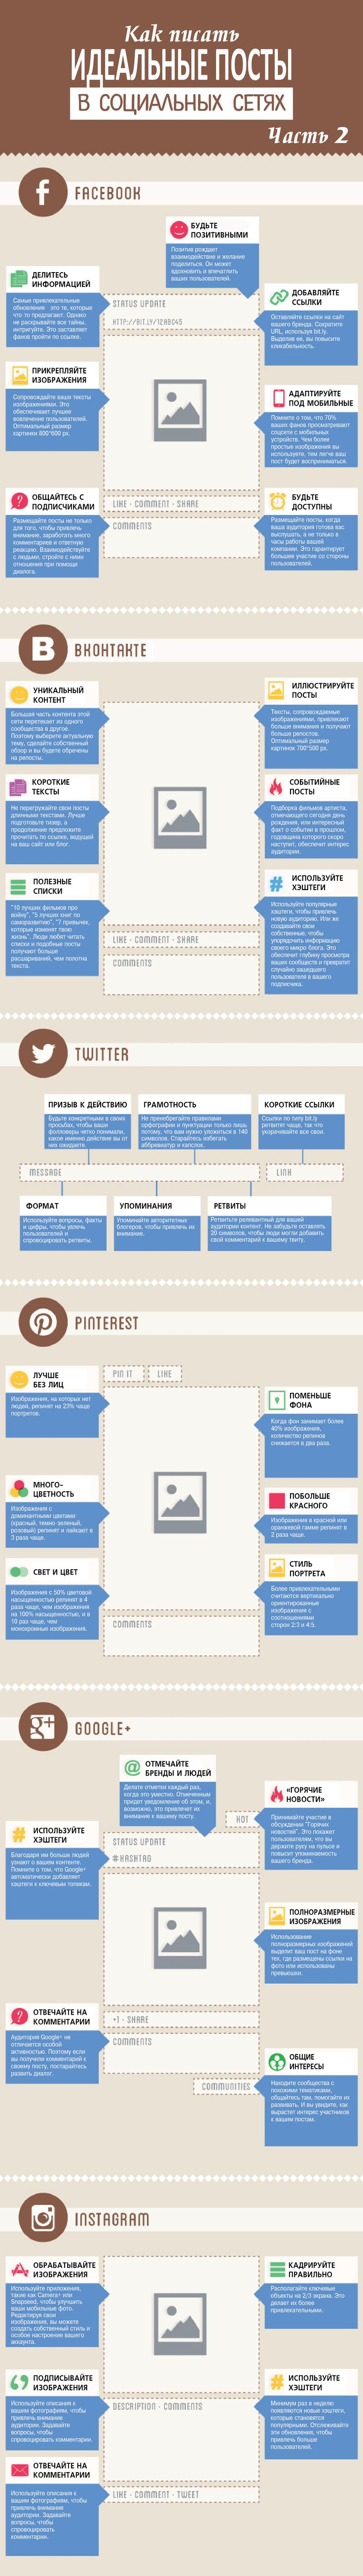 Пост в интернете: что это значит, примеры и суть